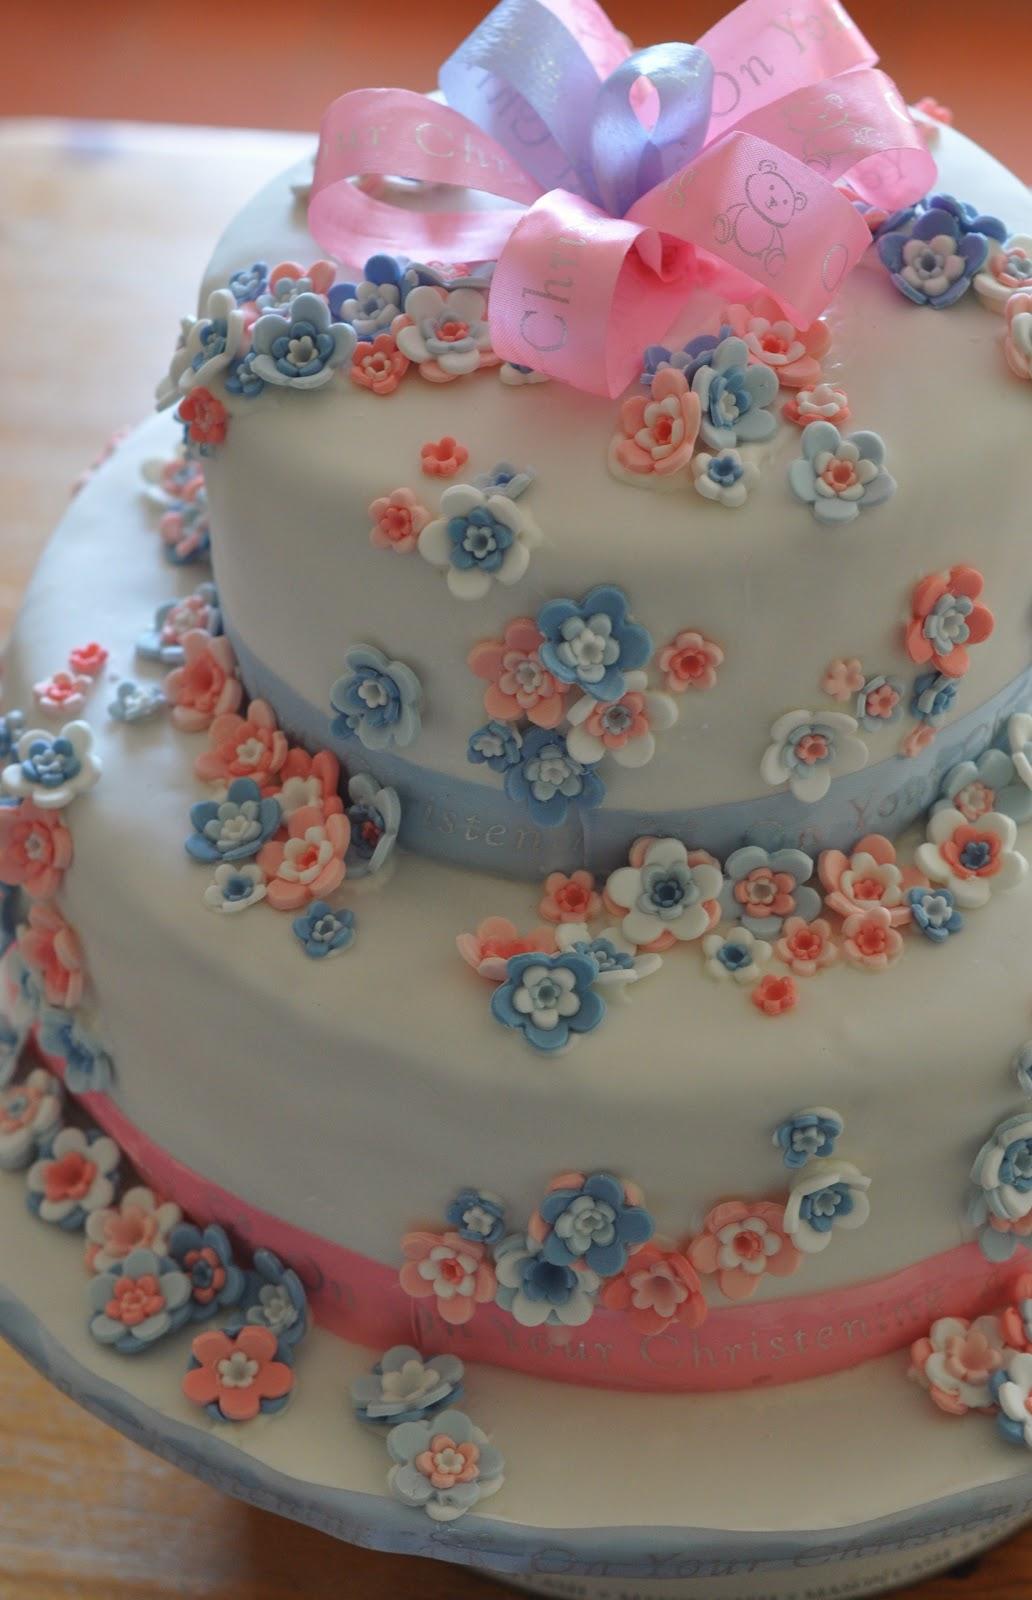 Homemade Cake Images : Stuff I make, bake and love: Homemade Christening Cake